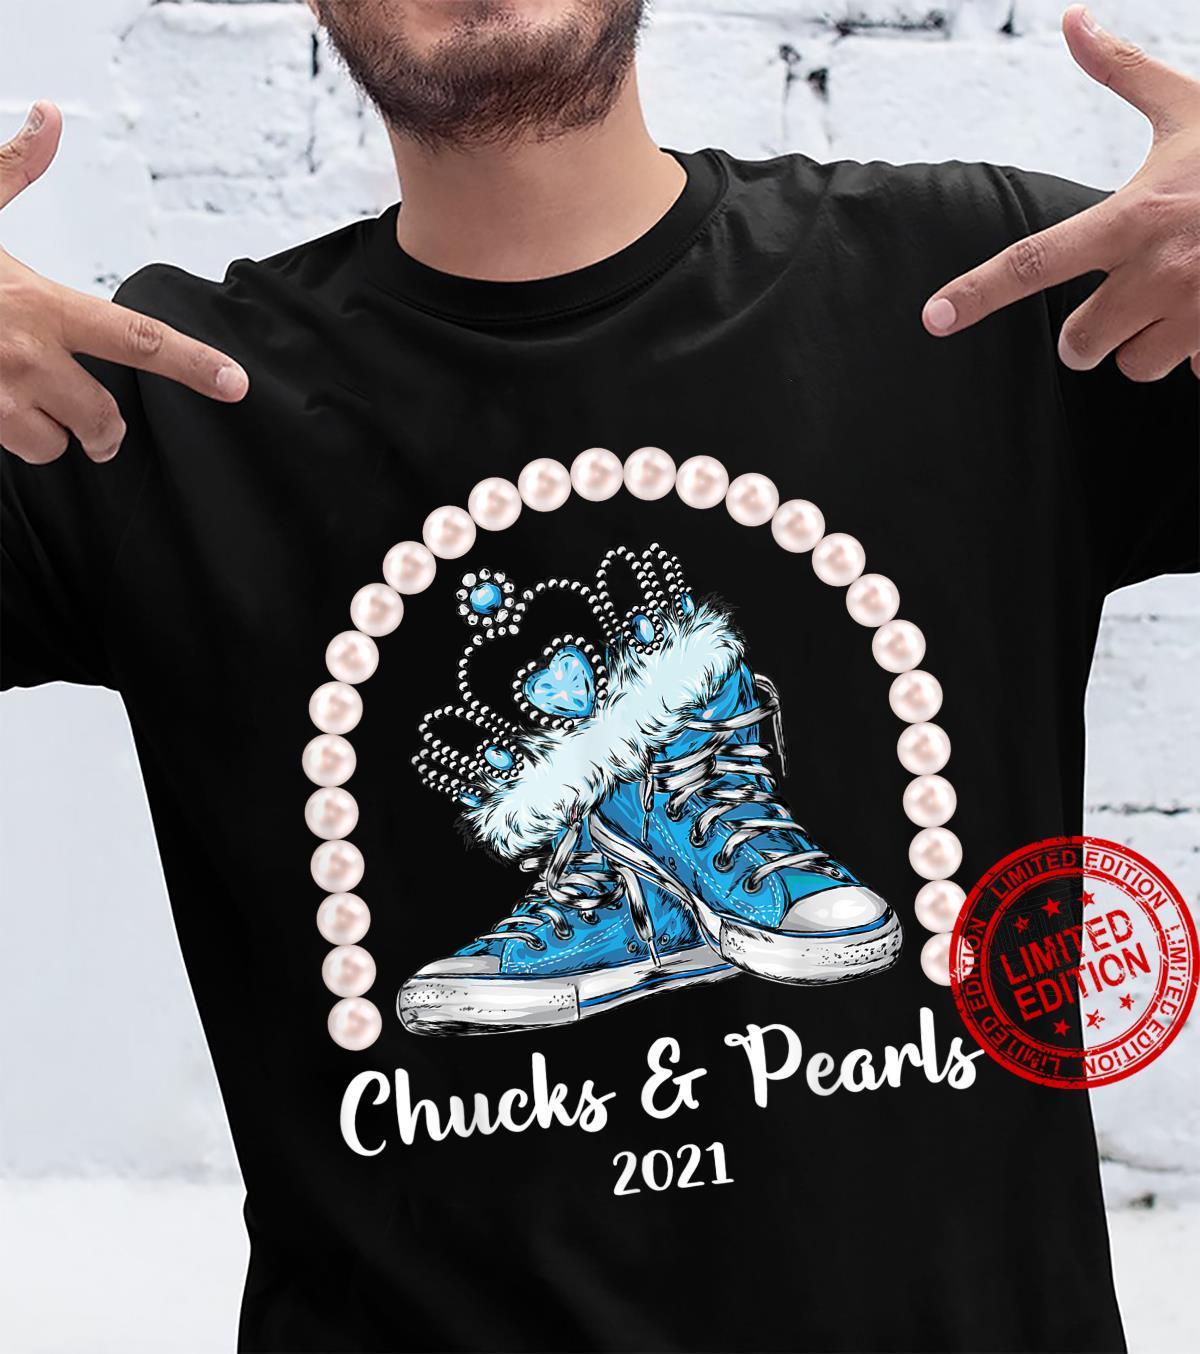 Chucks And Pearls Shirt Shirt